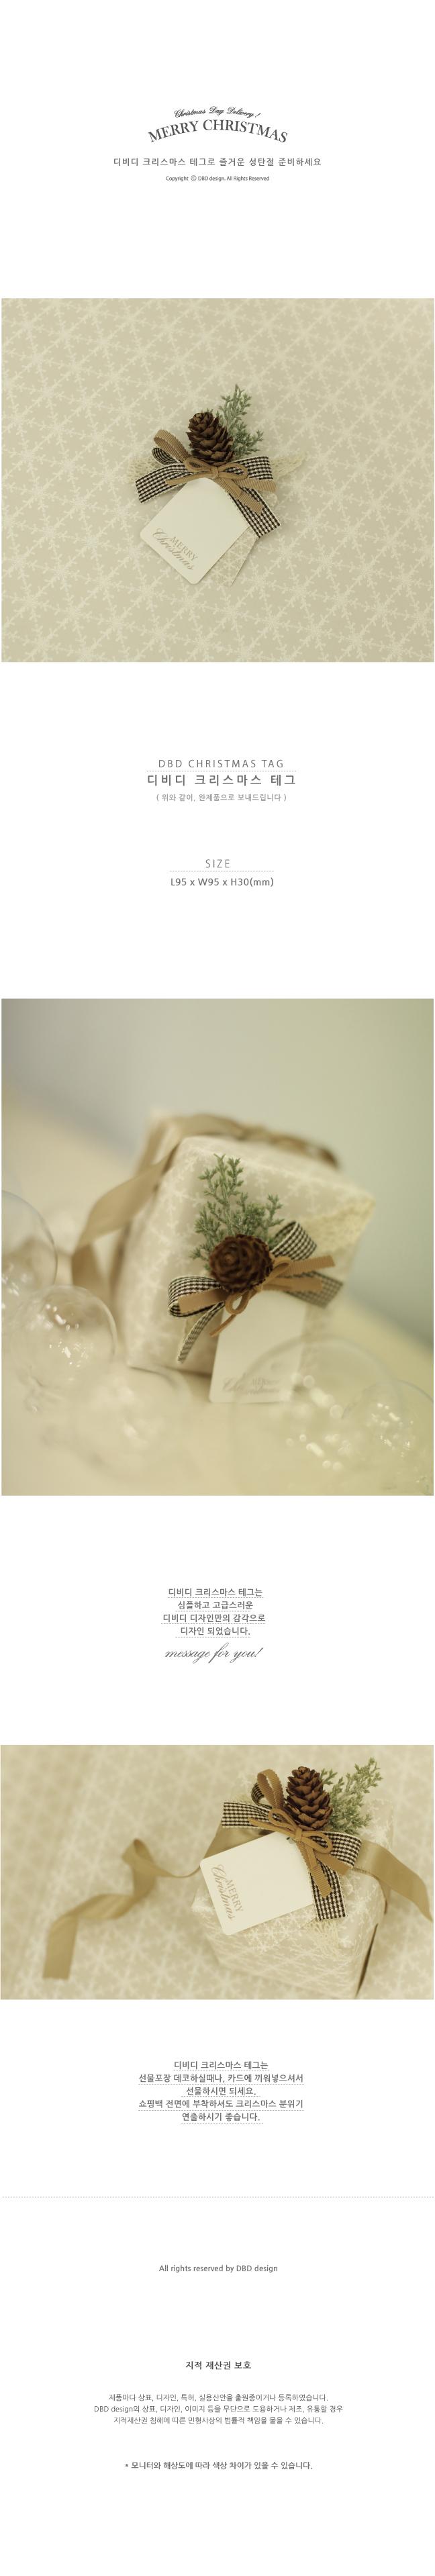 디비디 크리스마스 테그 - Holiday (Natural)3,500원-디비디디자인문구, 선물포장, 리본/포장소품, 쵸핑지바보사랑디비디 크리스마스 테그 - Holiday (Natural)3,500원-디비디디자인문구, 선물포장, 리본/포장소품, 쵸핑지바보사랑